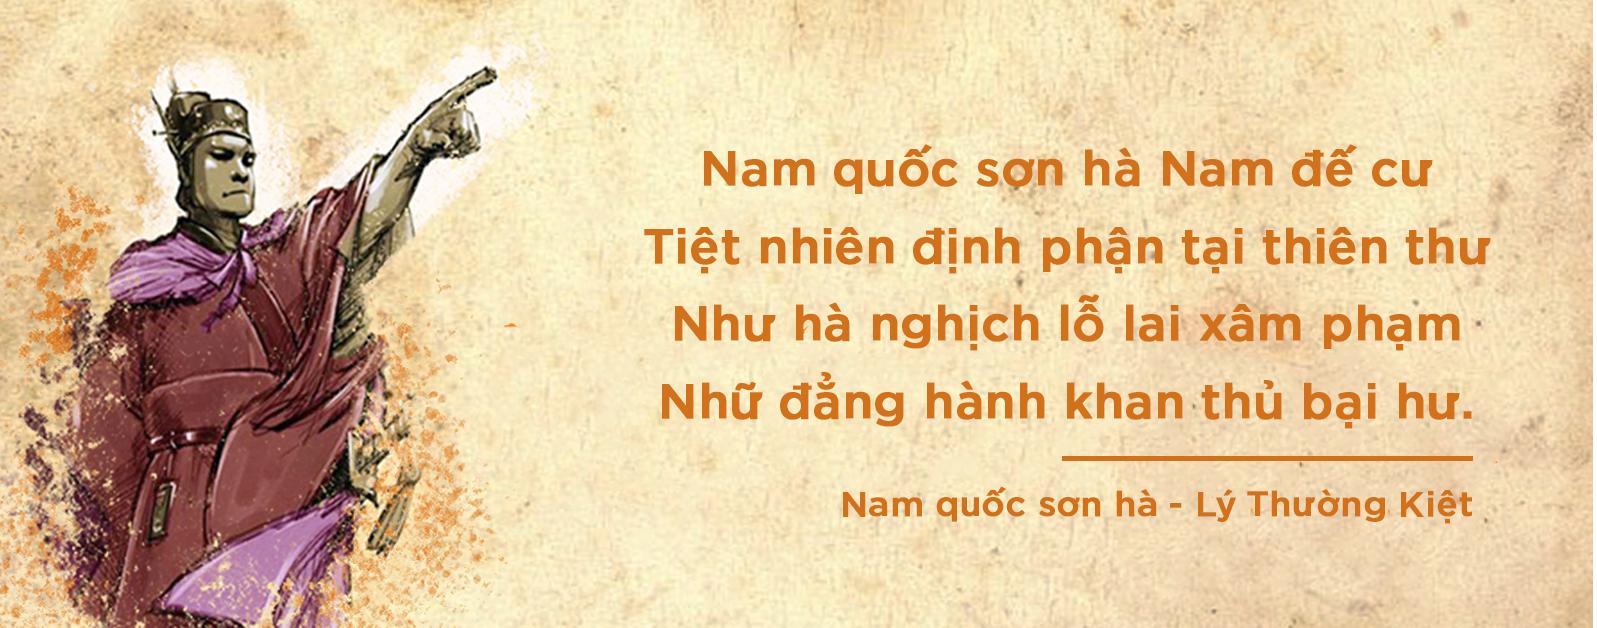 eMagazine: Ba ban Tuyen ngon doc lap bat hu trong lich su Viet Nam-Hinh-2